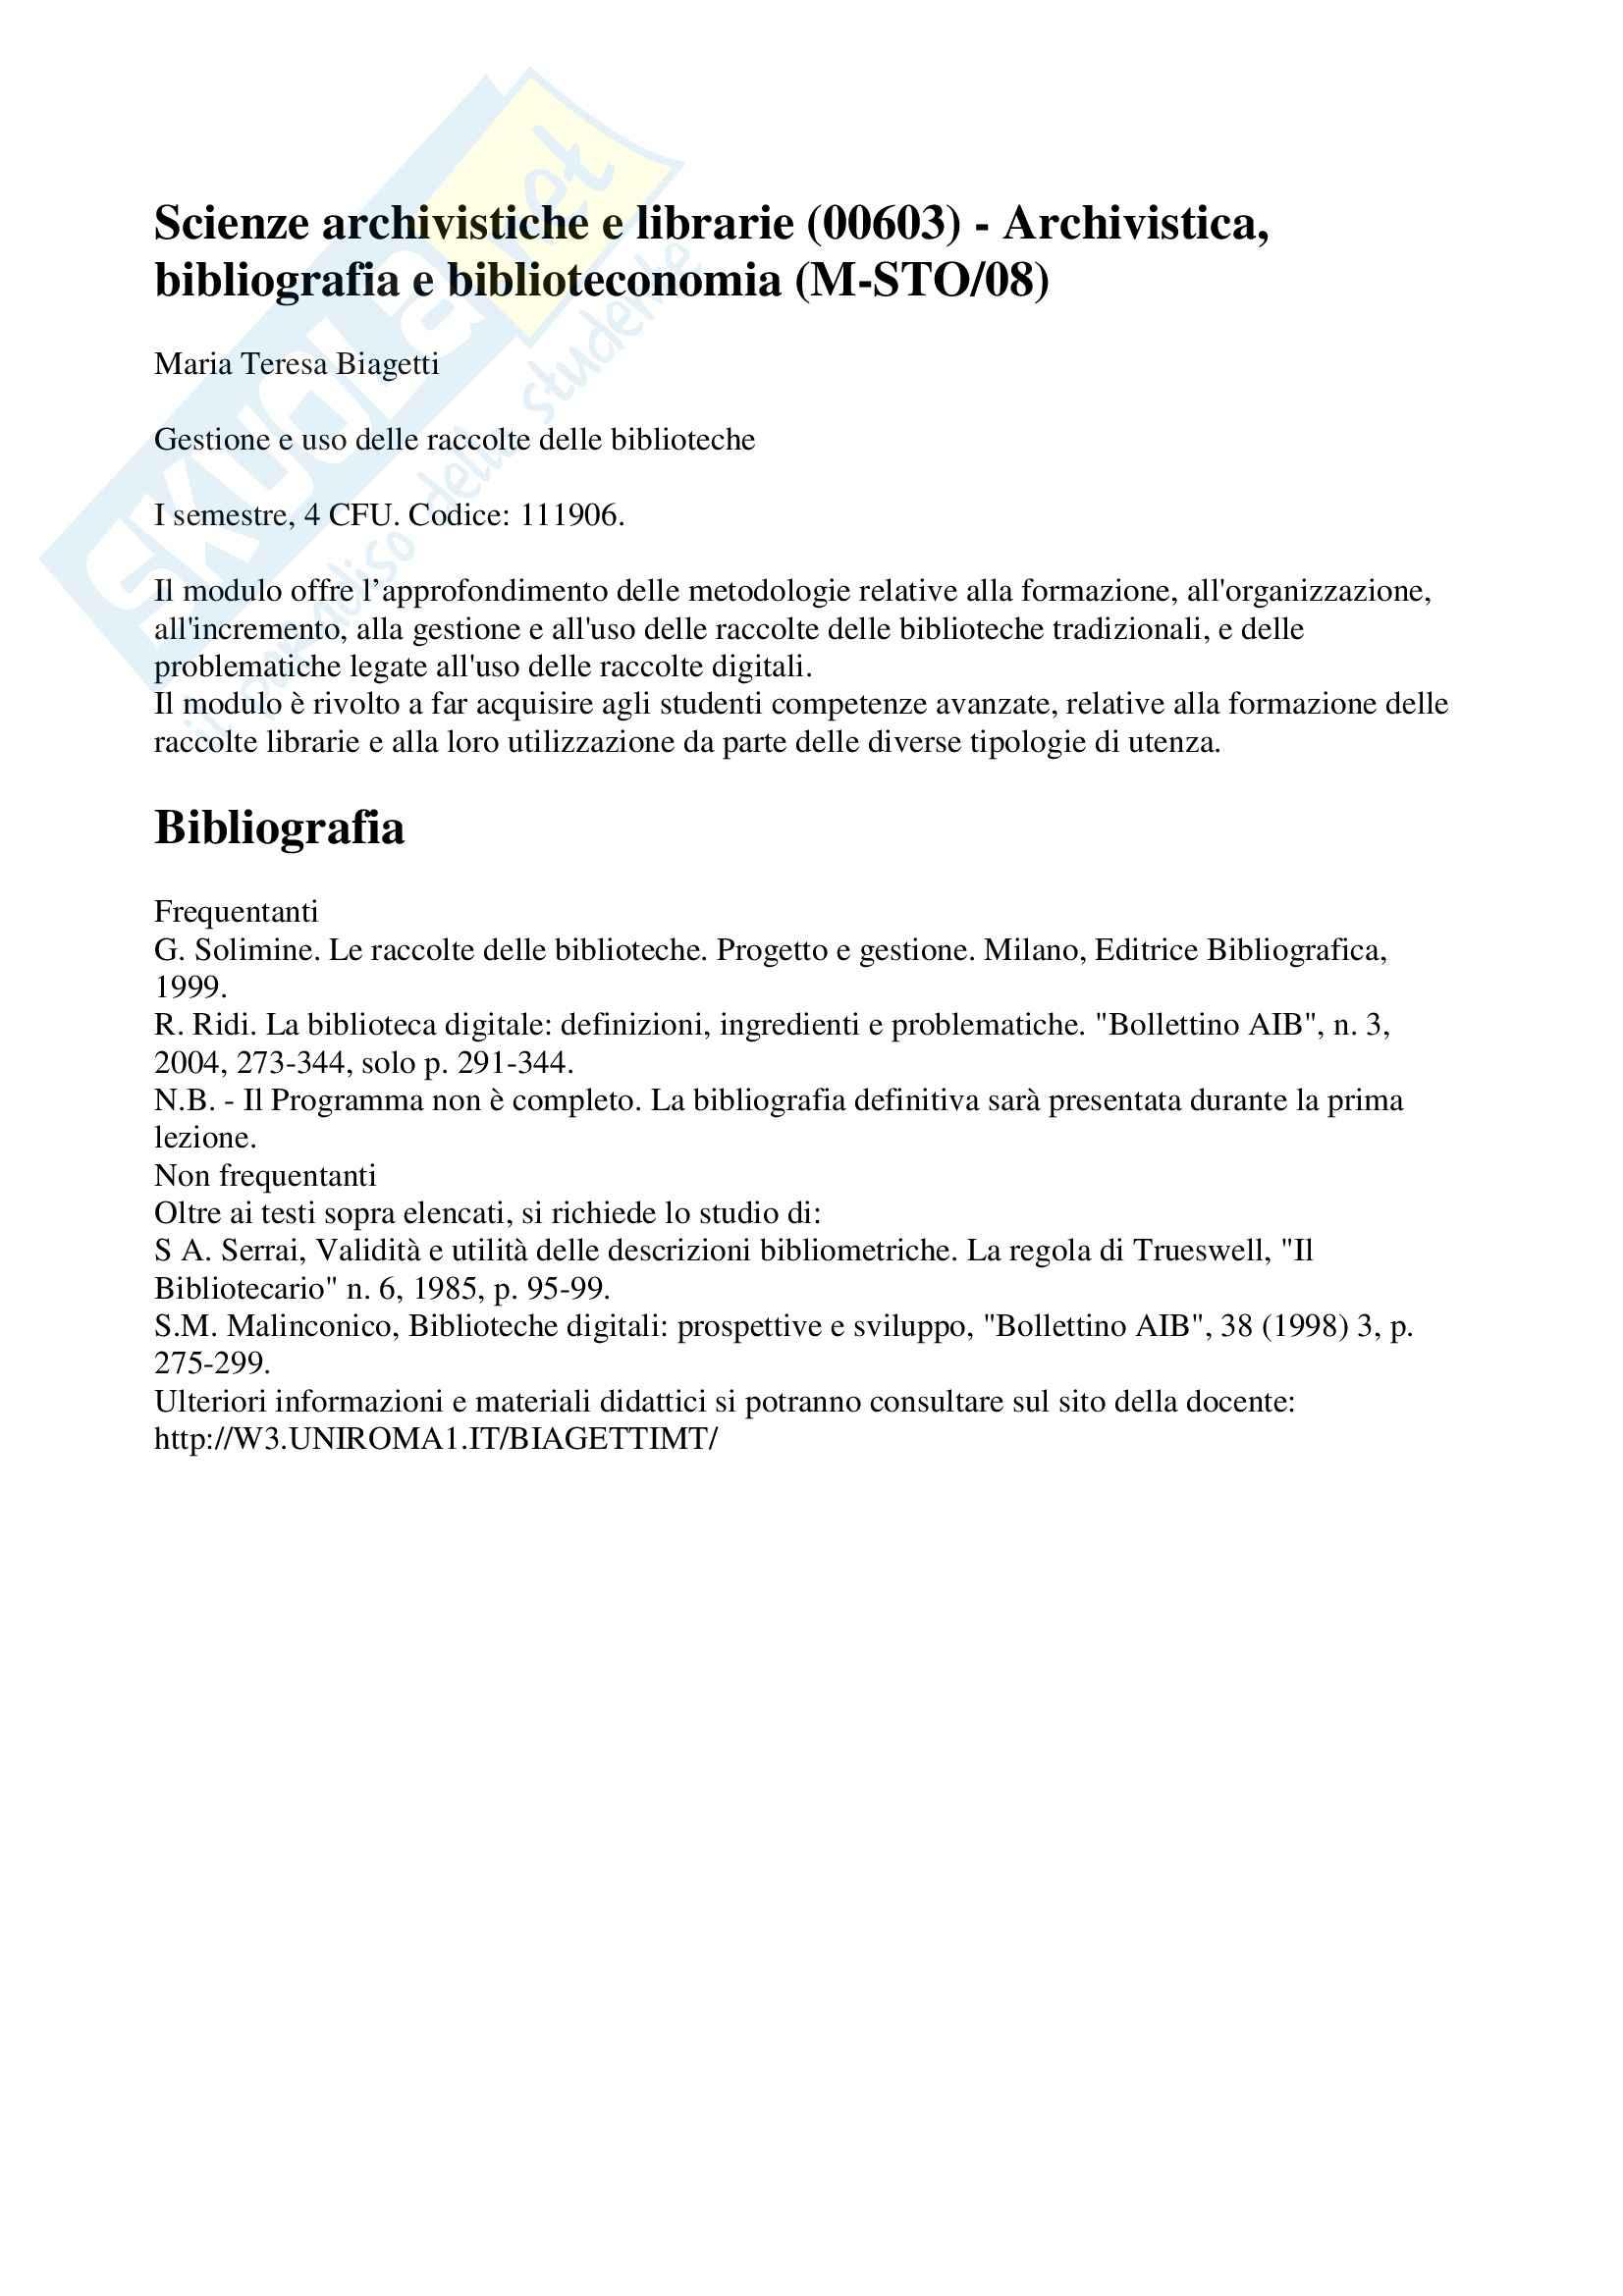 Gestione e uso delle raccolte delle biblioteche